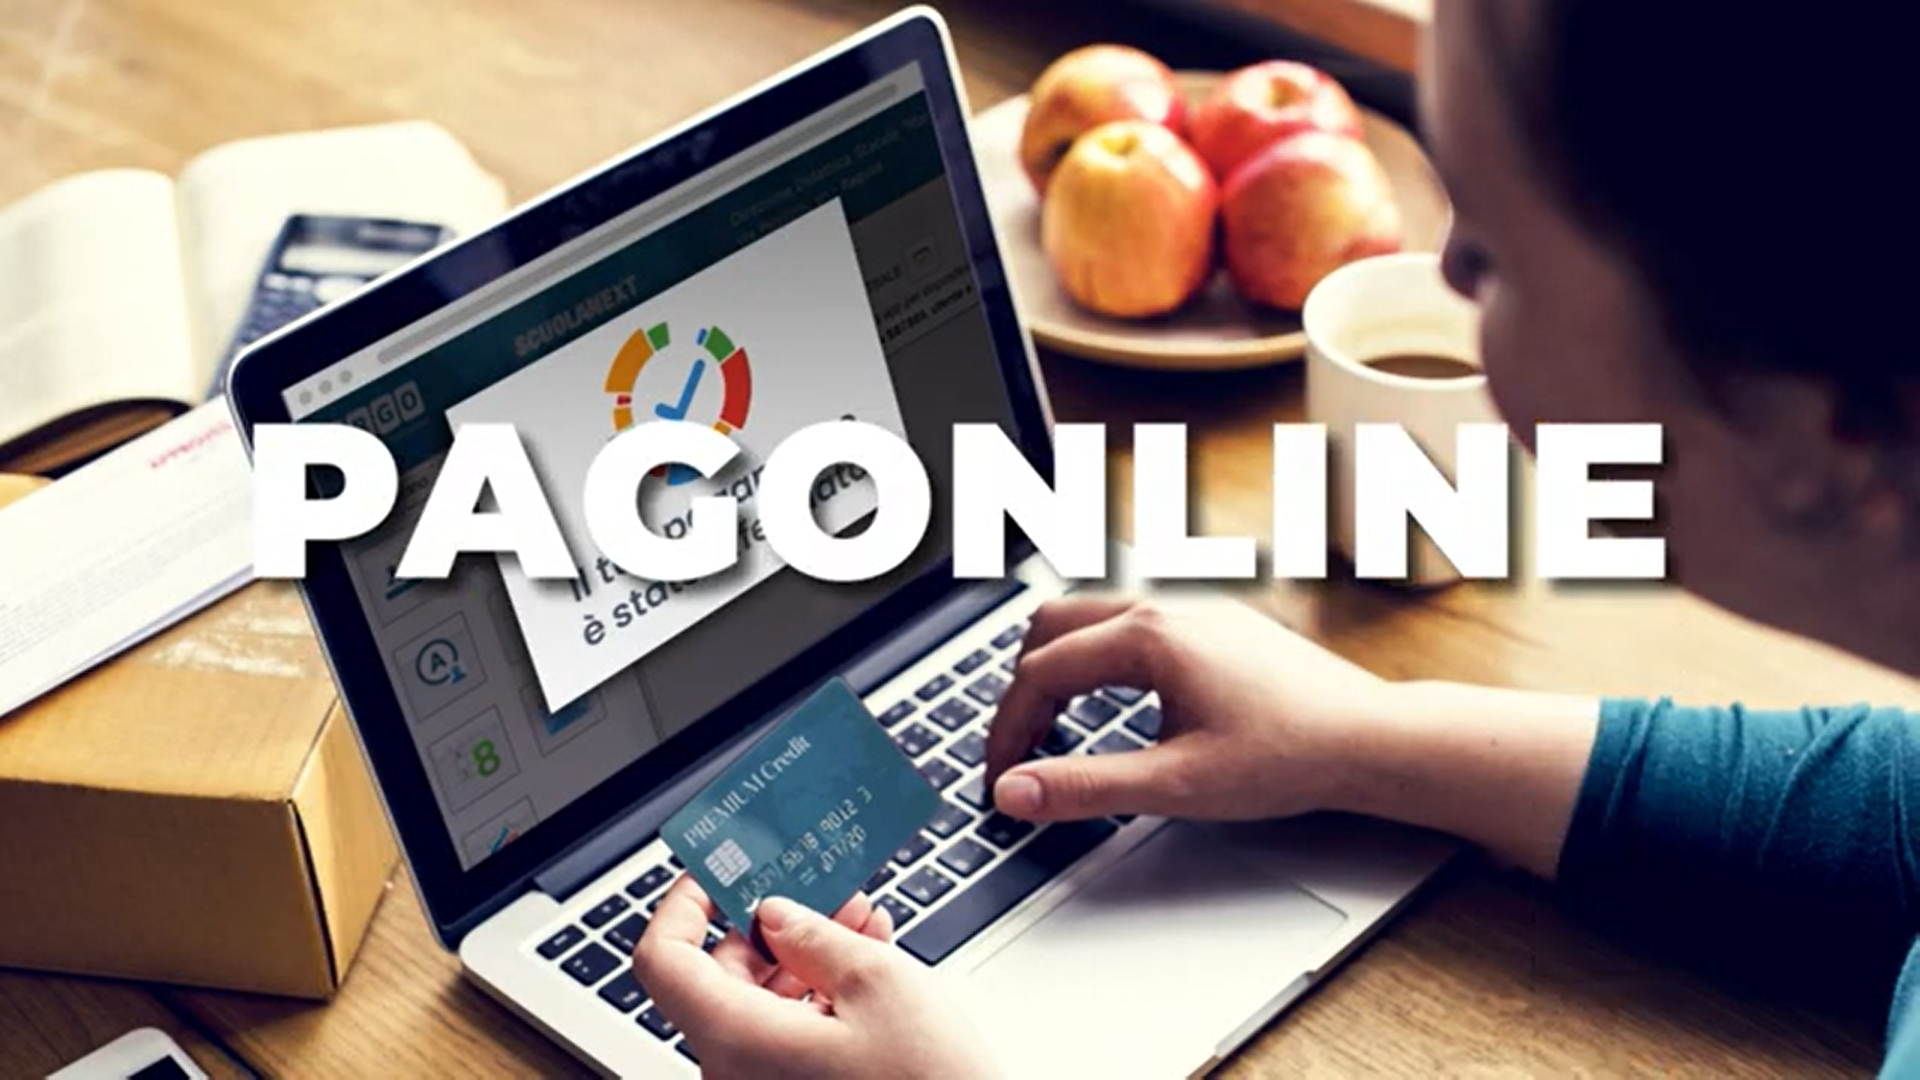 Argo PagOnline la soluzione per gestire in modo sicuro e veloce i contributi scolastici - immagine link al video tutorial